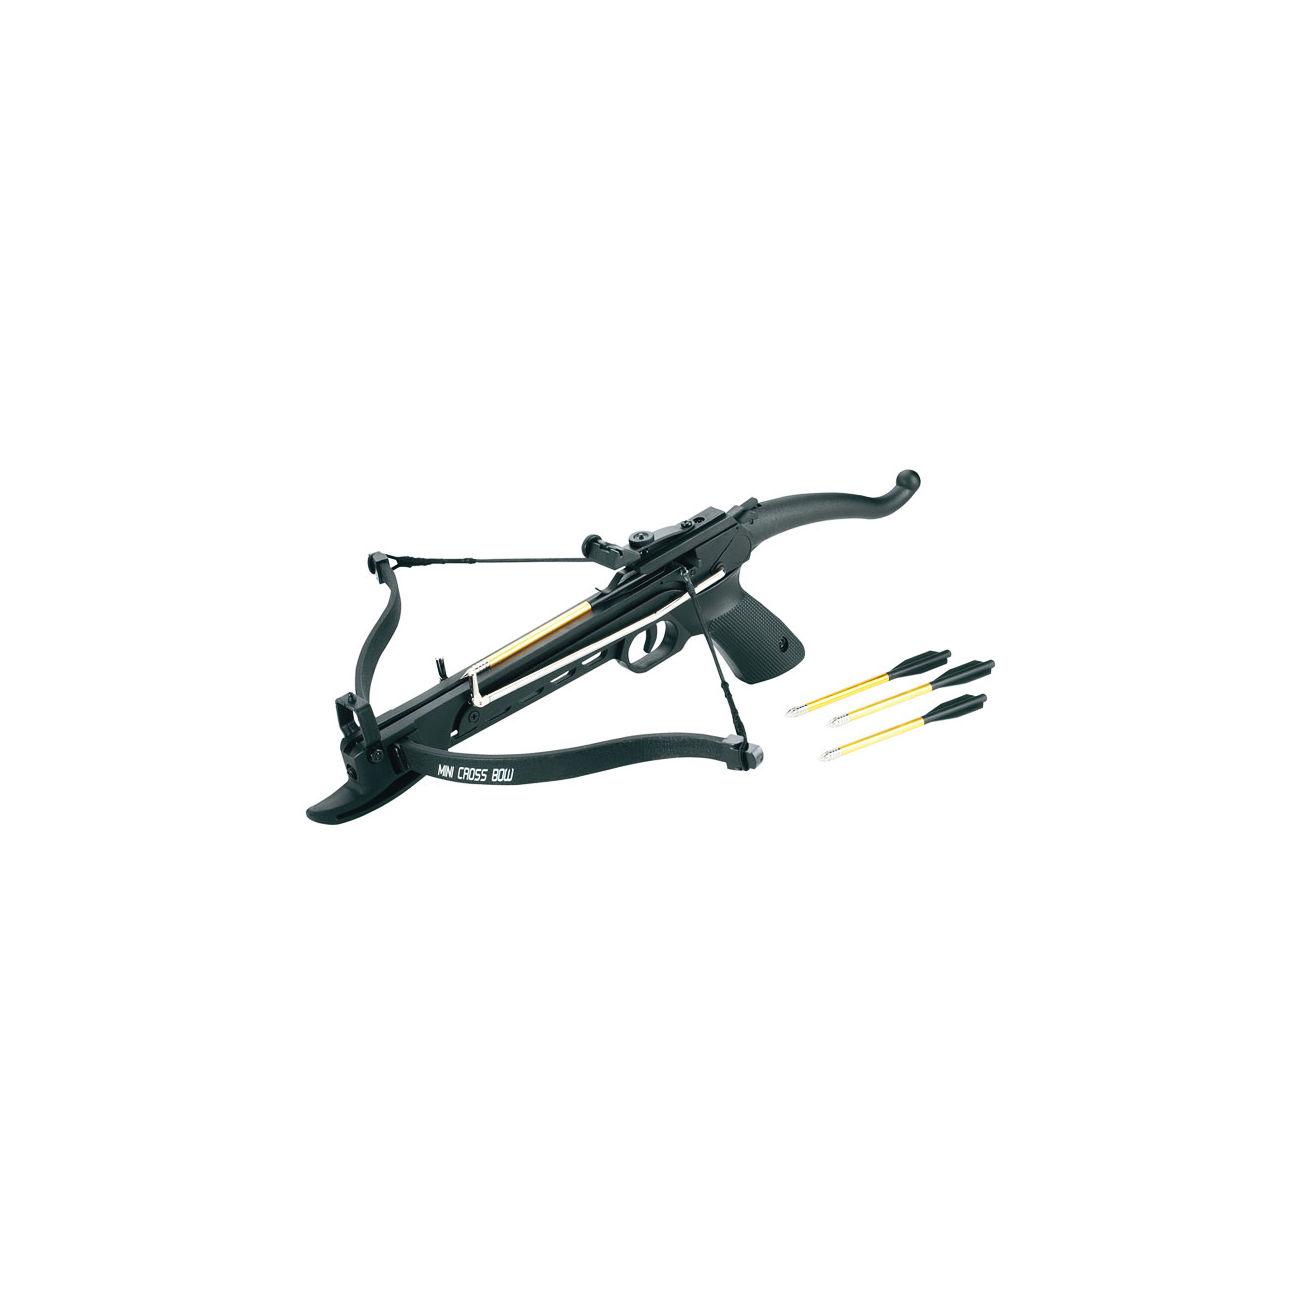 Pistolenarmbrust Cobra 80lbs Kunststoffrahmen schwarz günstig kaufen ...